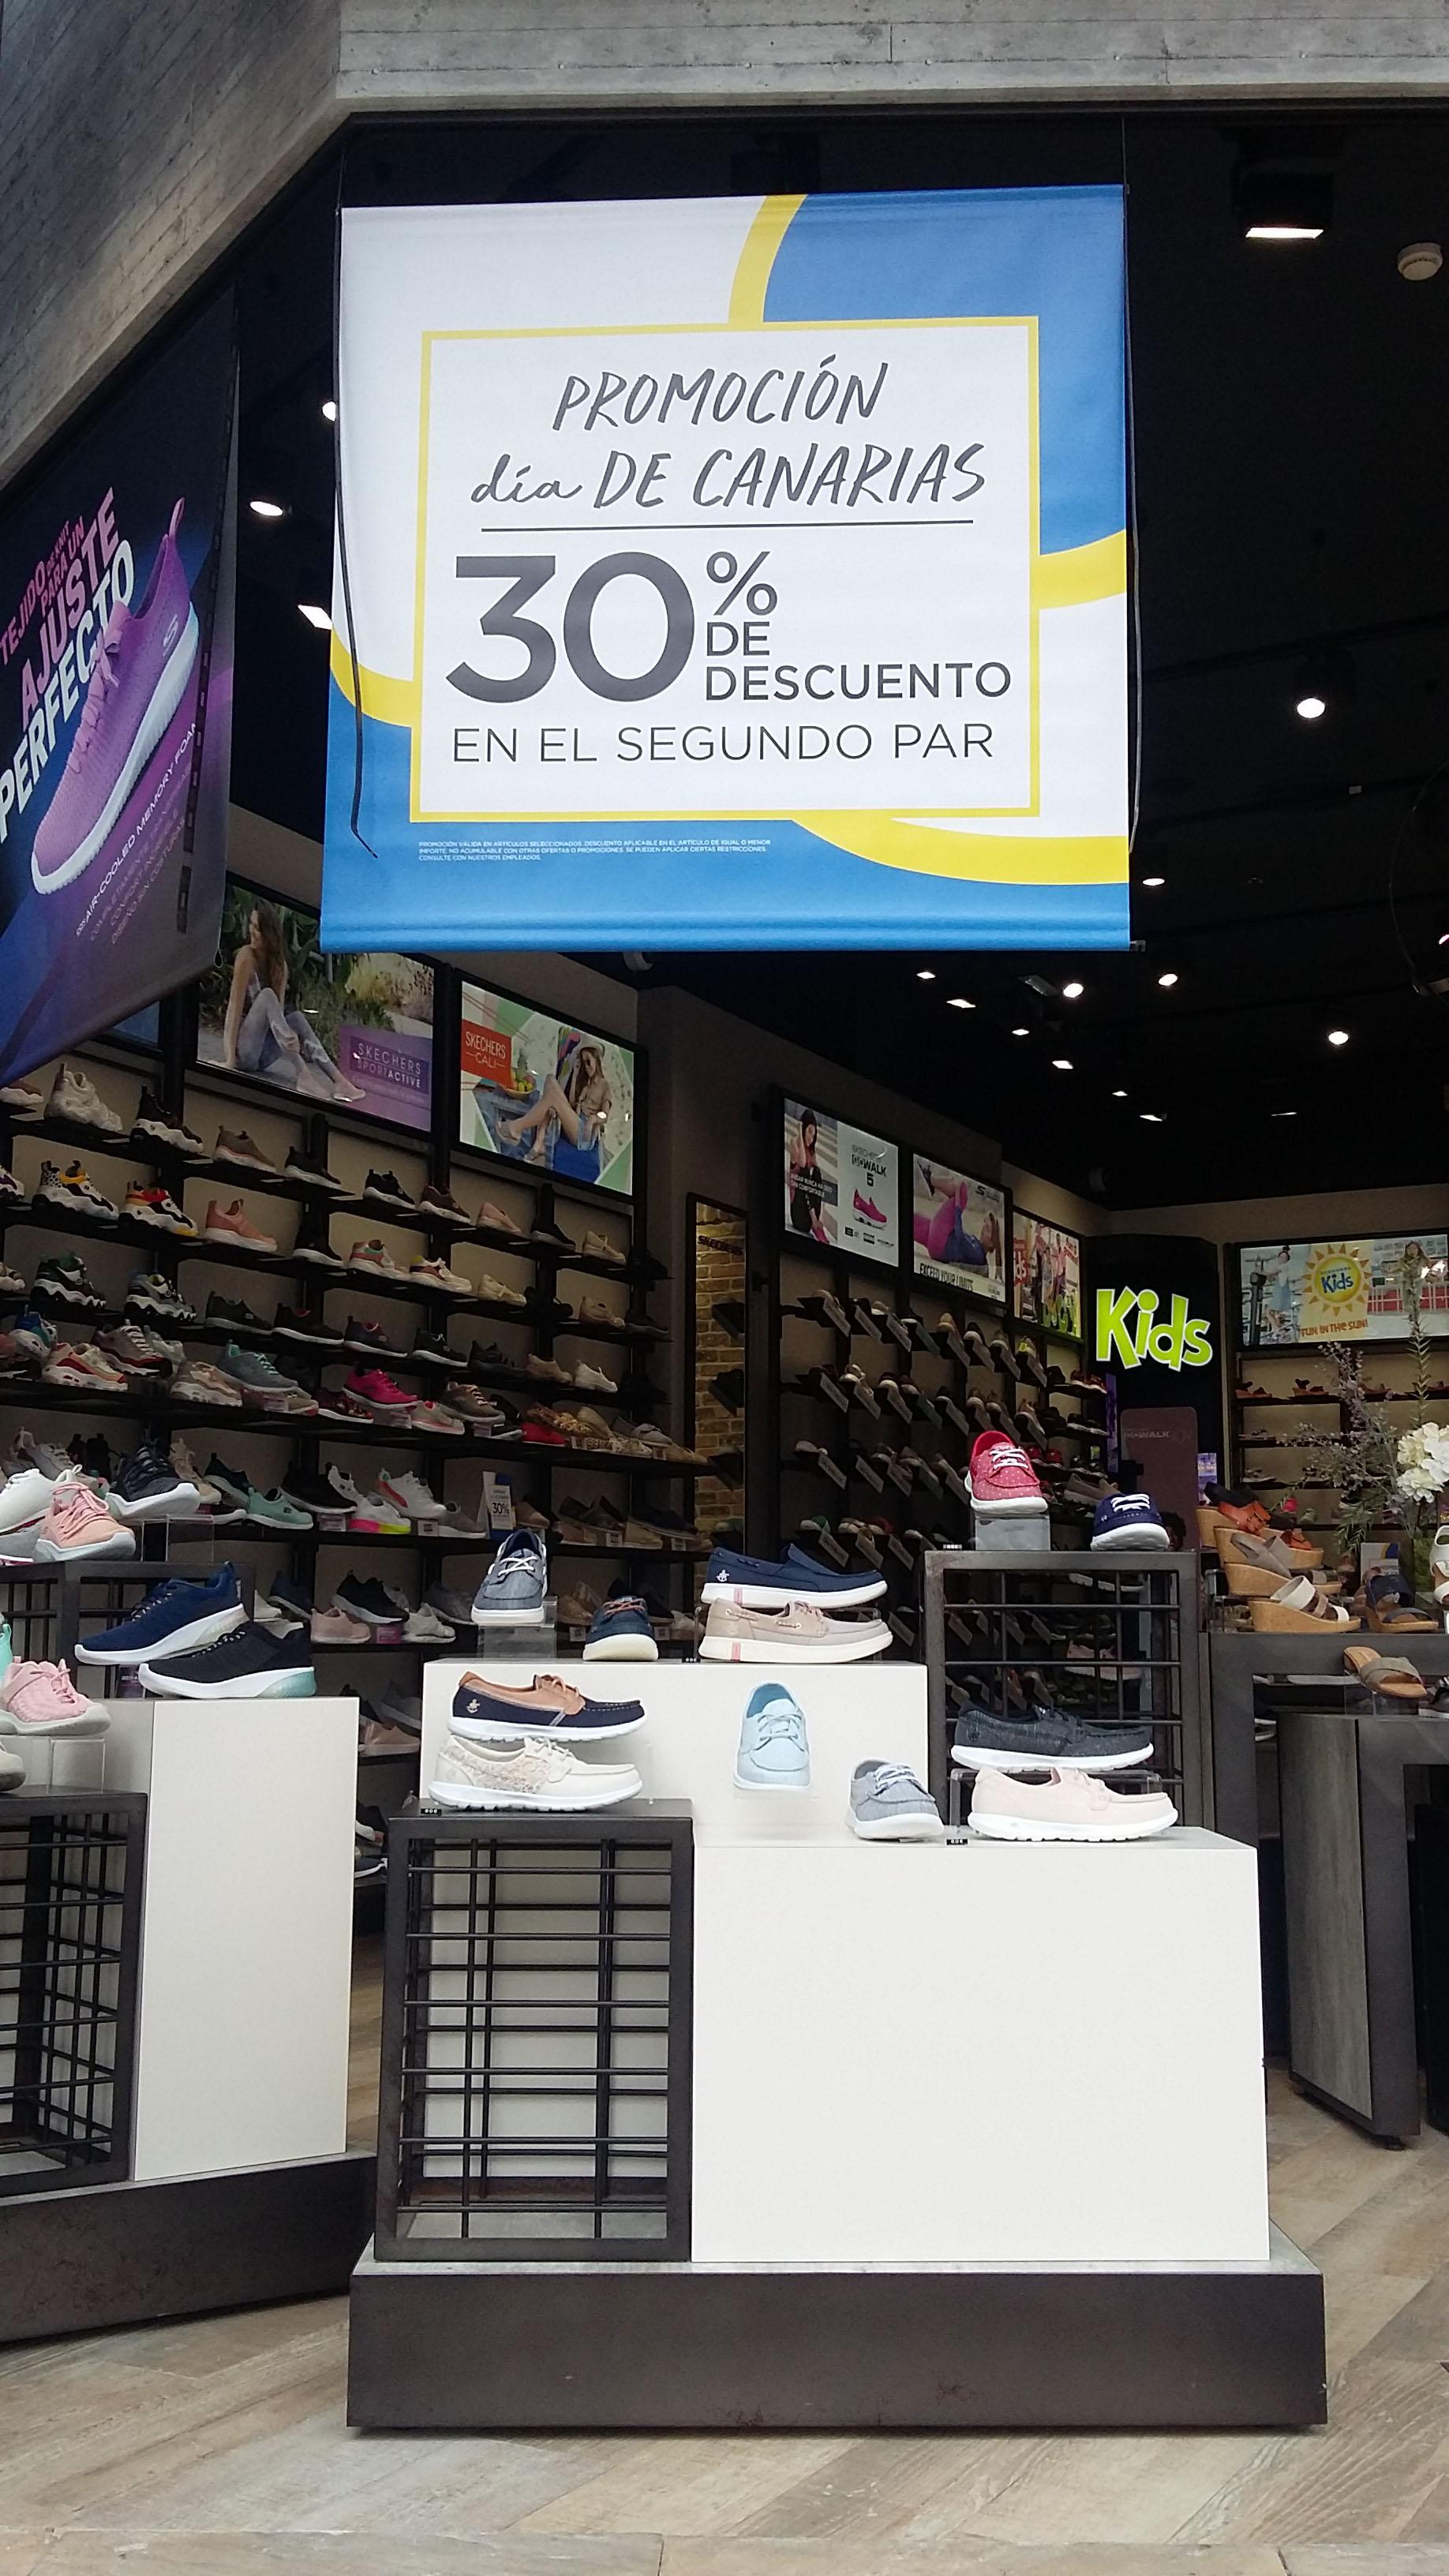 Paja Sociable A bordo  Promoción Skechers por el Día de Canarias - Vive Alisios